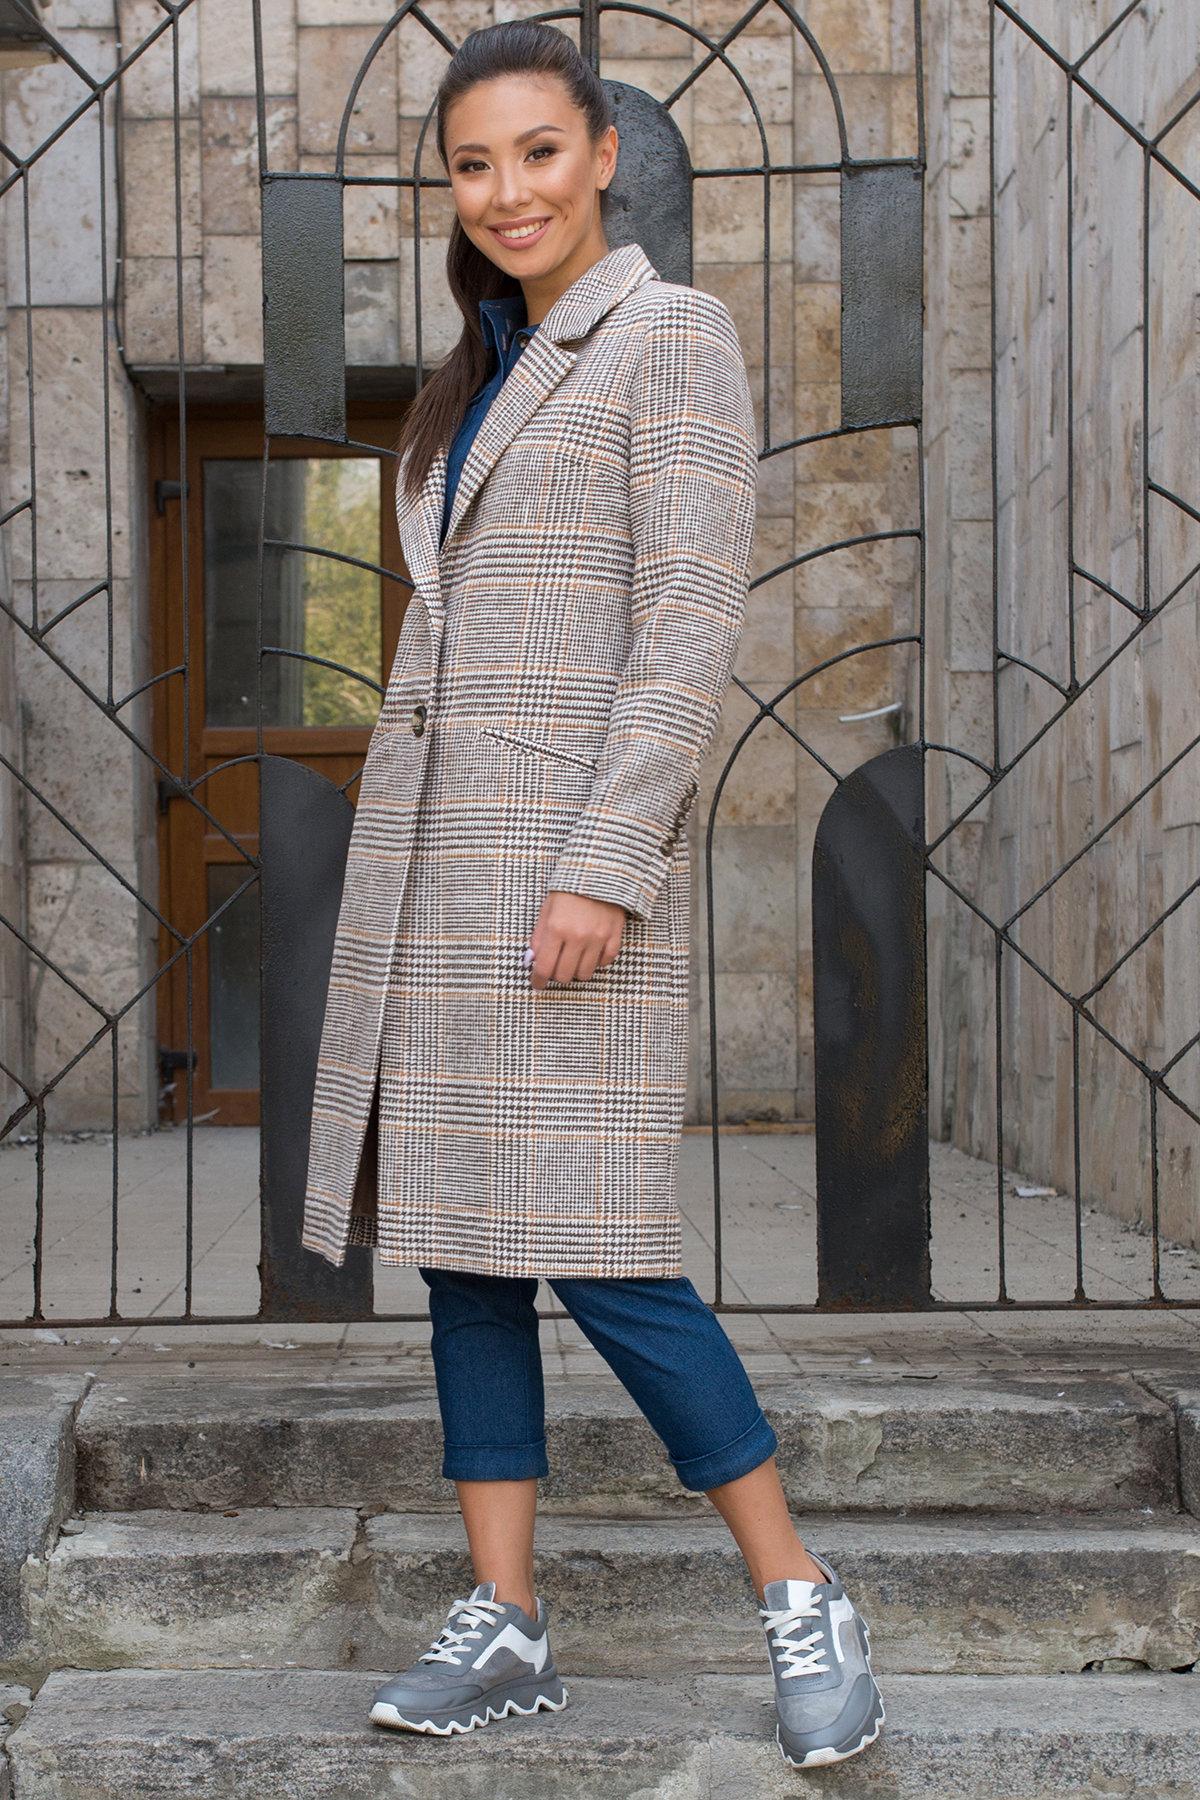 Пальто с принтом клетка Эрли 8103 АРТ. 44066 Цвет: Клетка кр шок/мол/беж - фото 3, интернет магазин tm-modus.ru